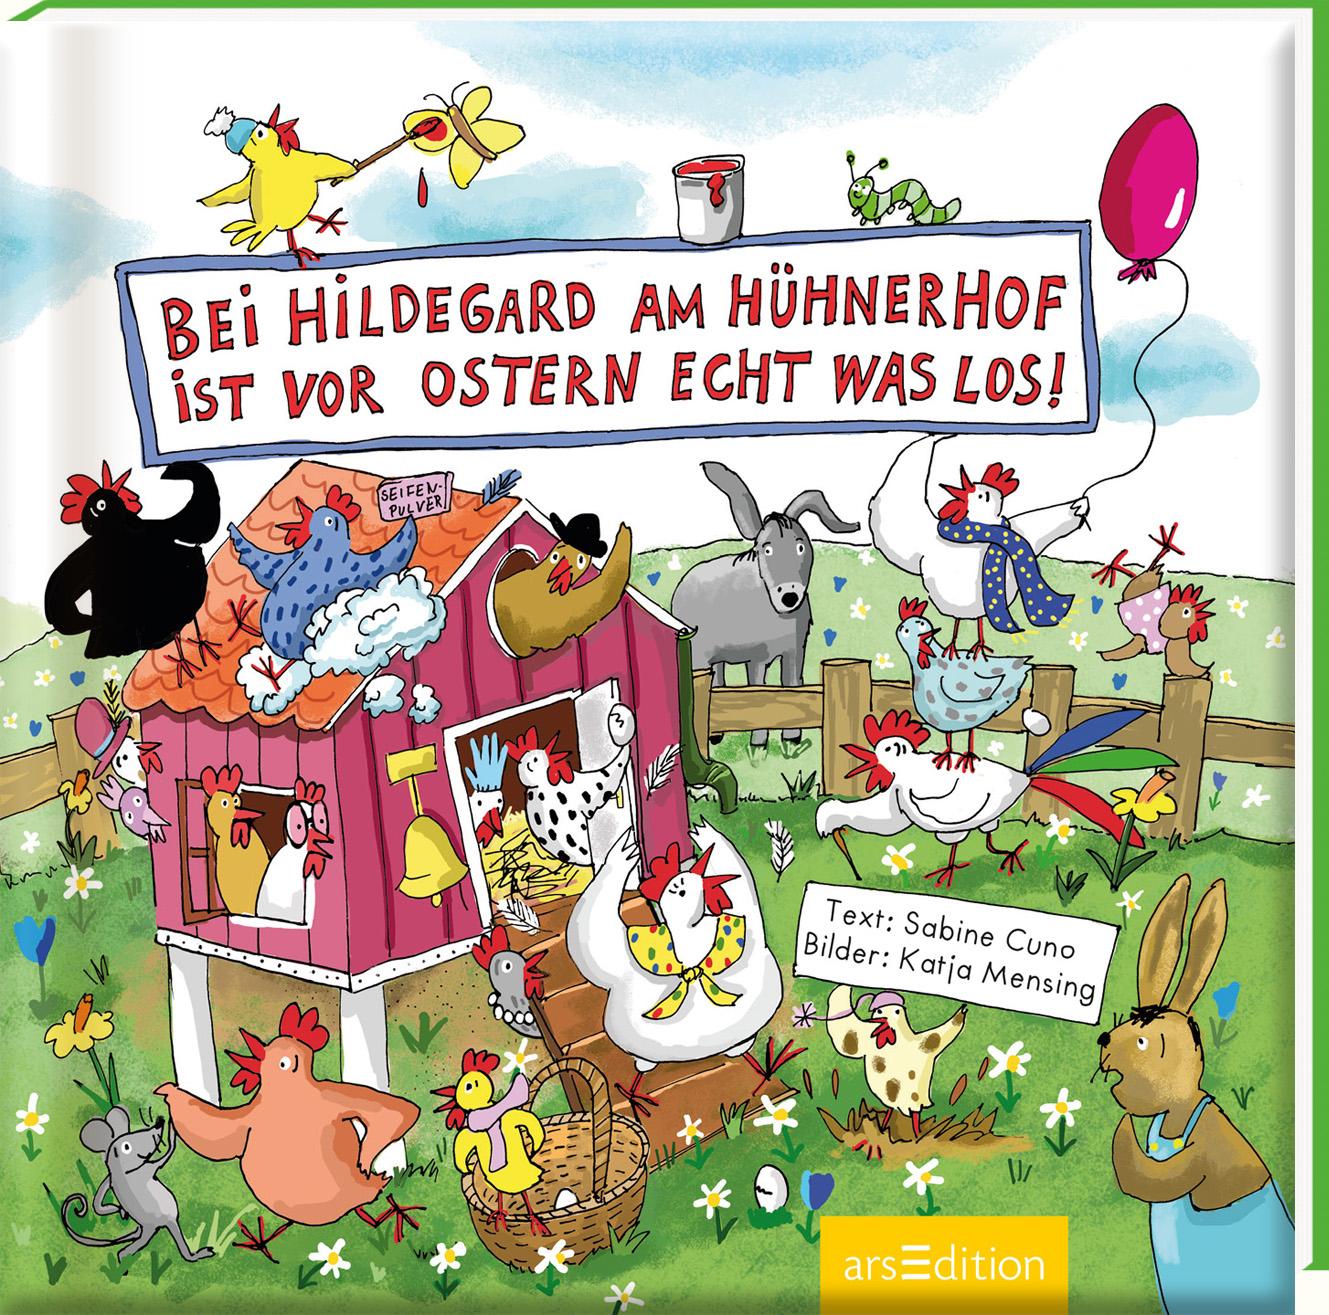 »Bei Hildegard am Hühnerhof ist vor Ostern echt was los!« — Ars Edition